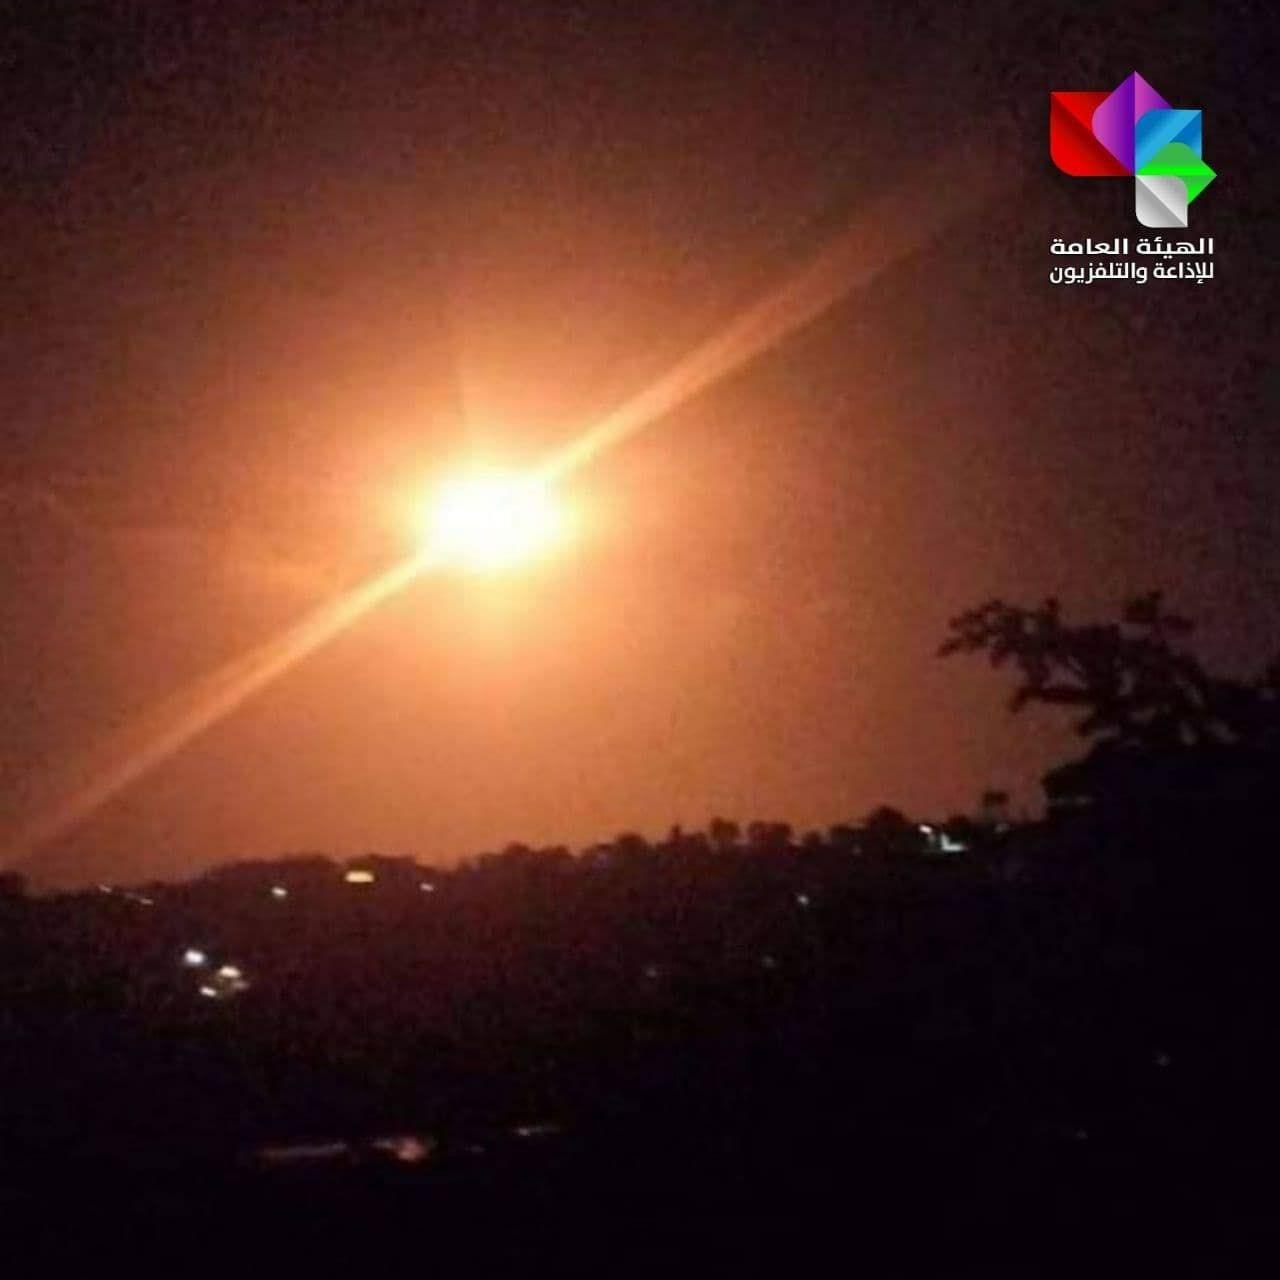 صورة متداولة من مصياف لتصدي الدفاعات الجوية لصواريخ إسرائيلية (وسائل التواصل الاجتماعي).